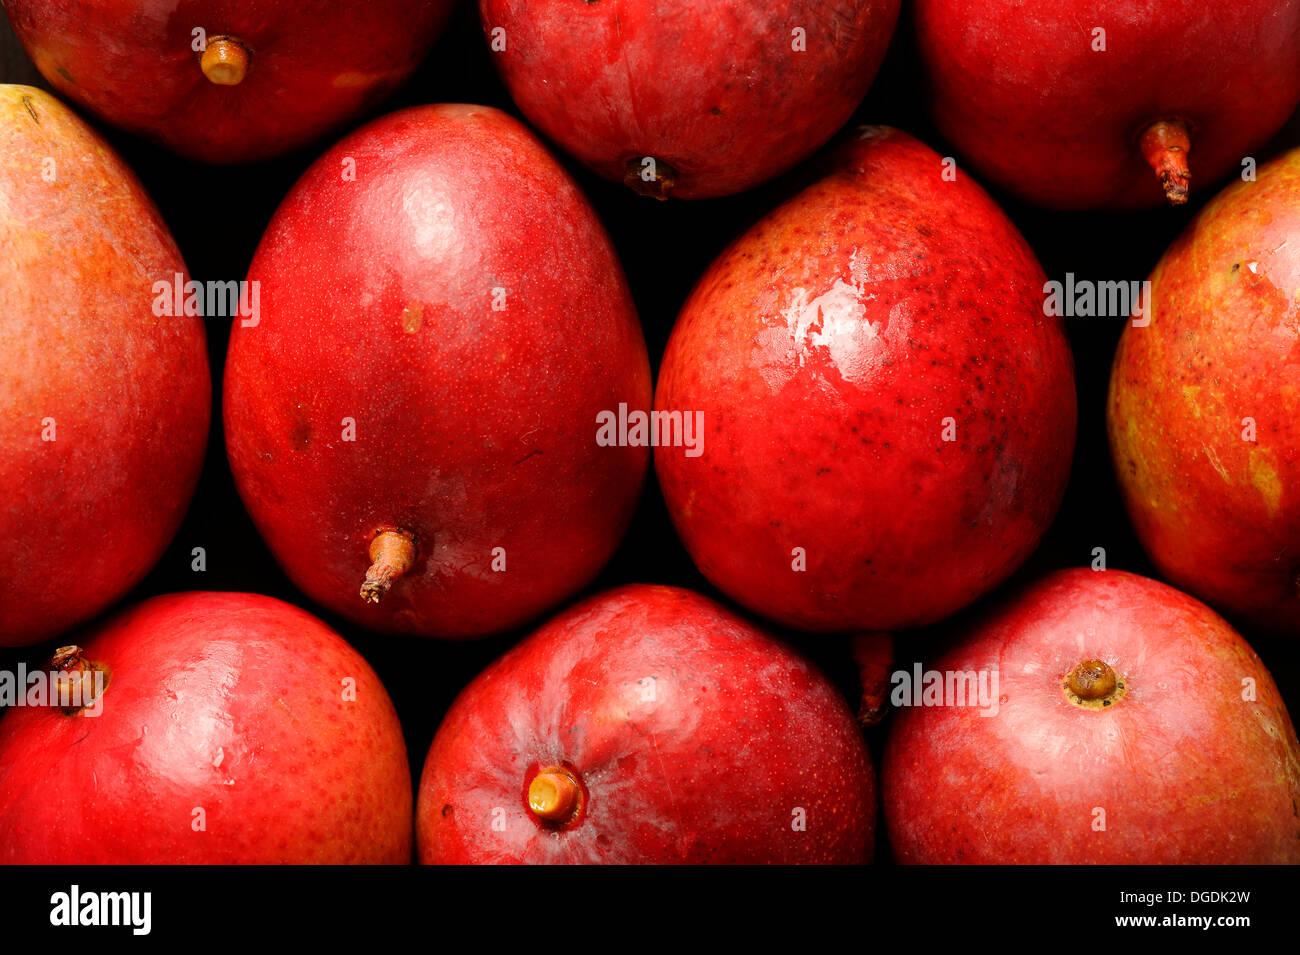 Primer plano de maduras y jugosas fondos de mango Imagen De Stock